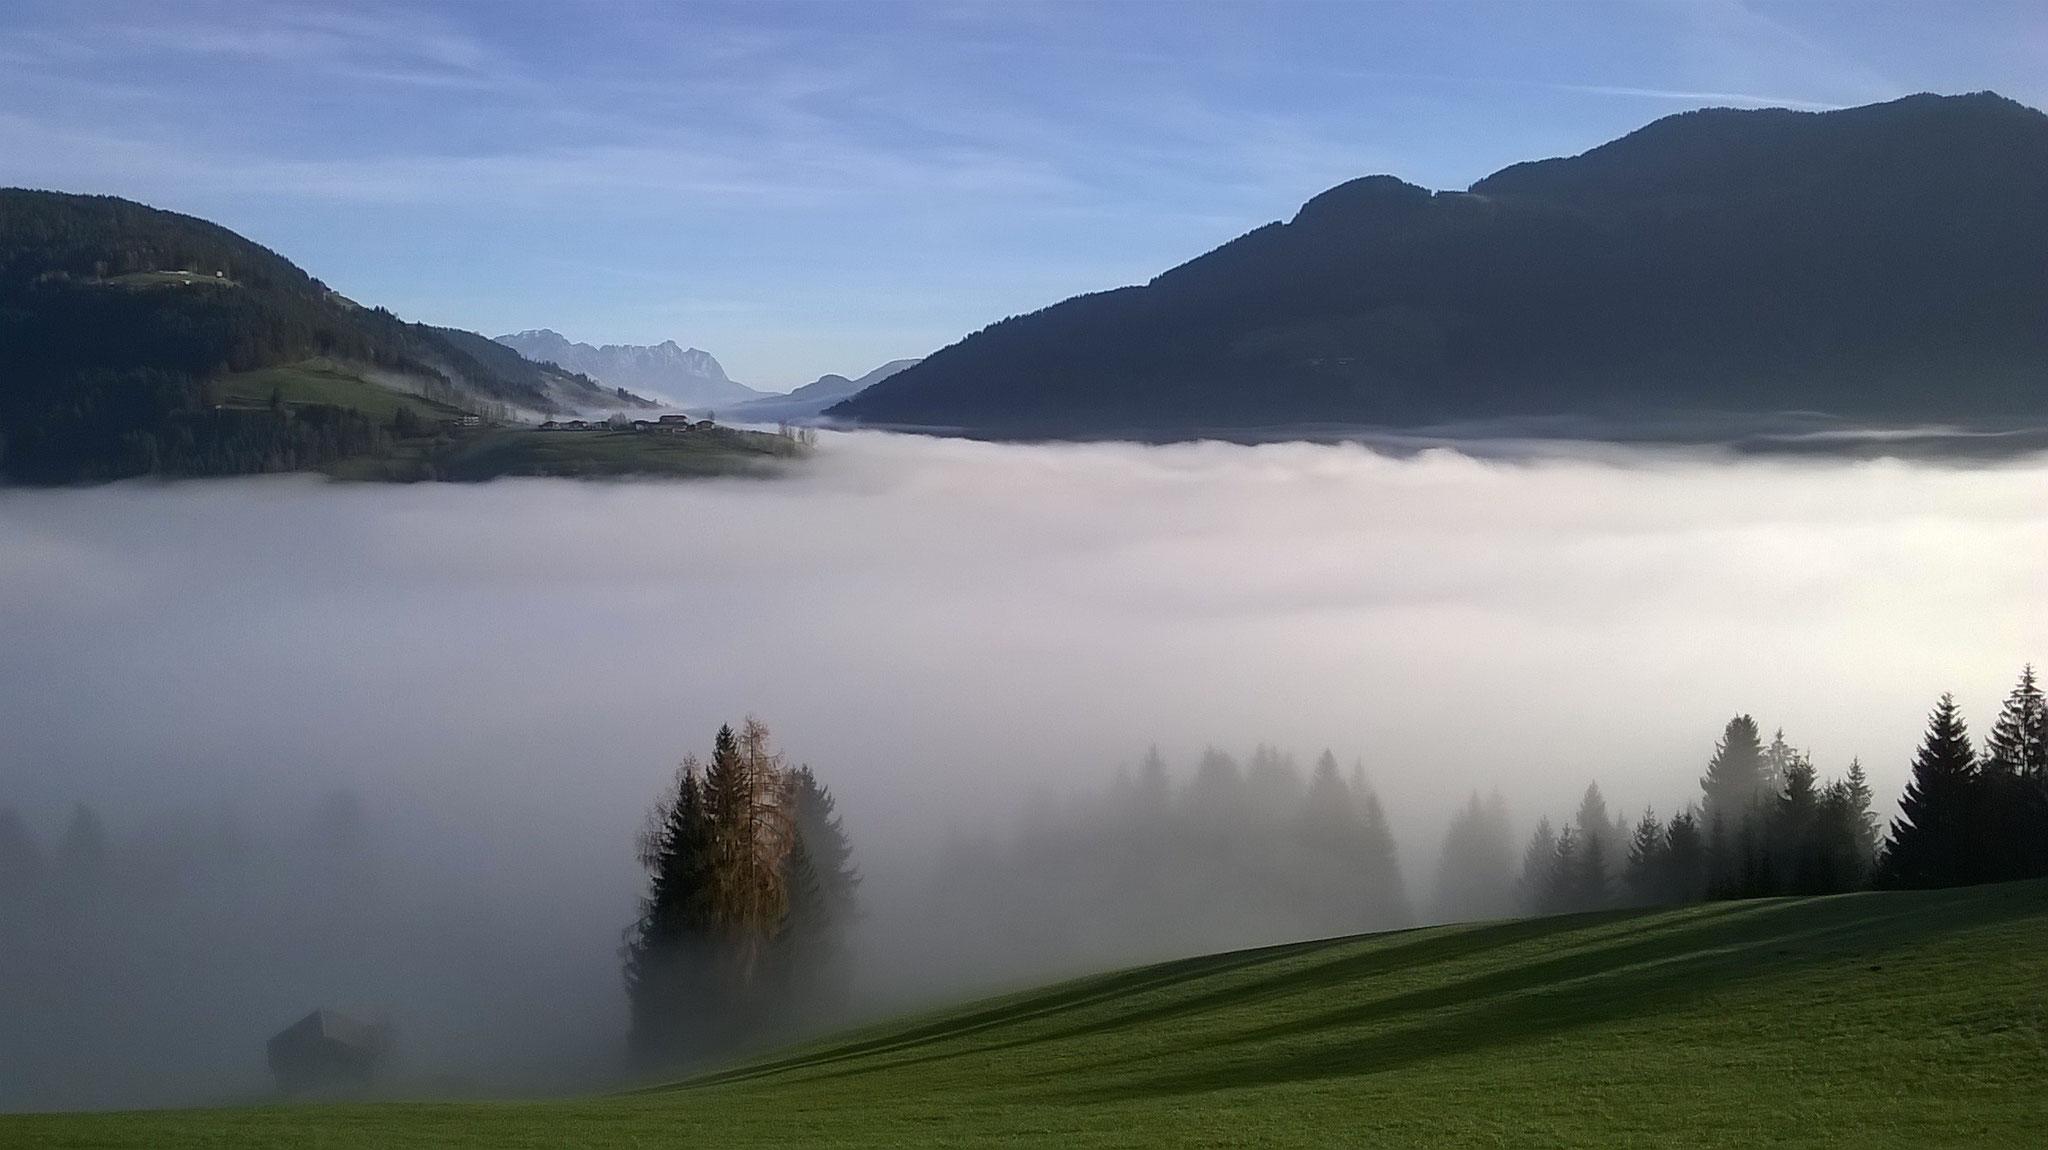 Richtigen Nebel kennen wir kaum - aber so darf es gerne sein.